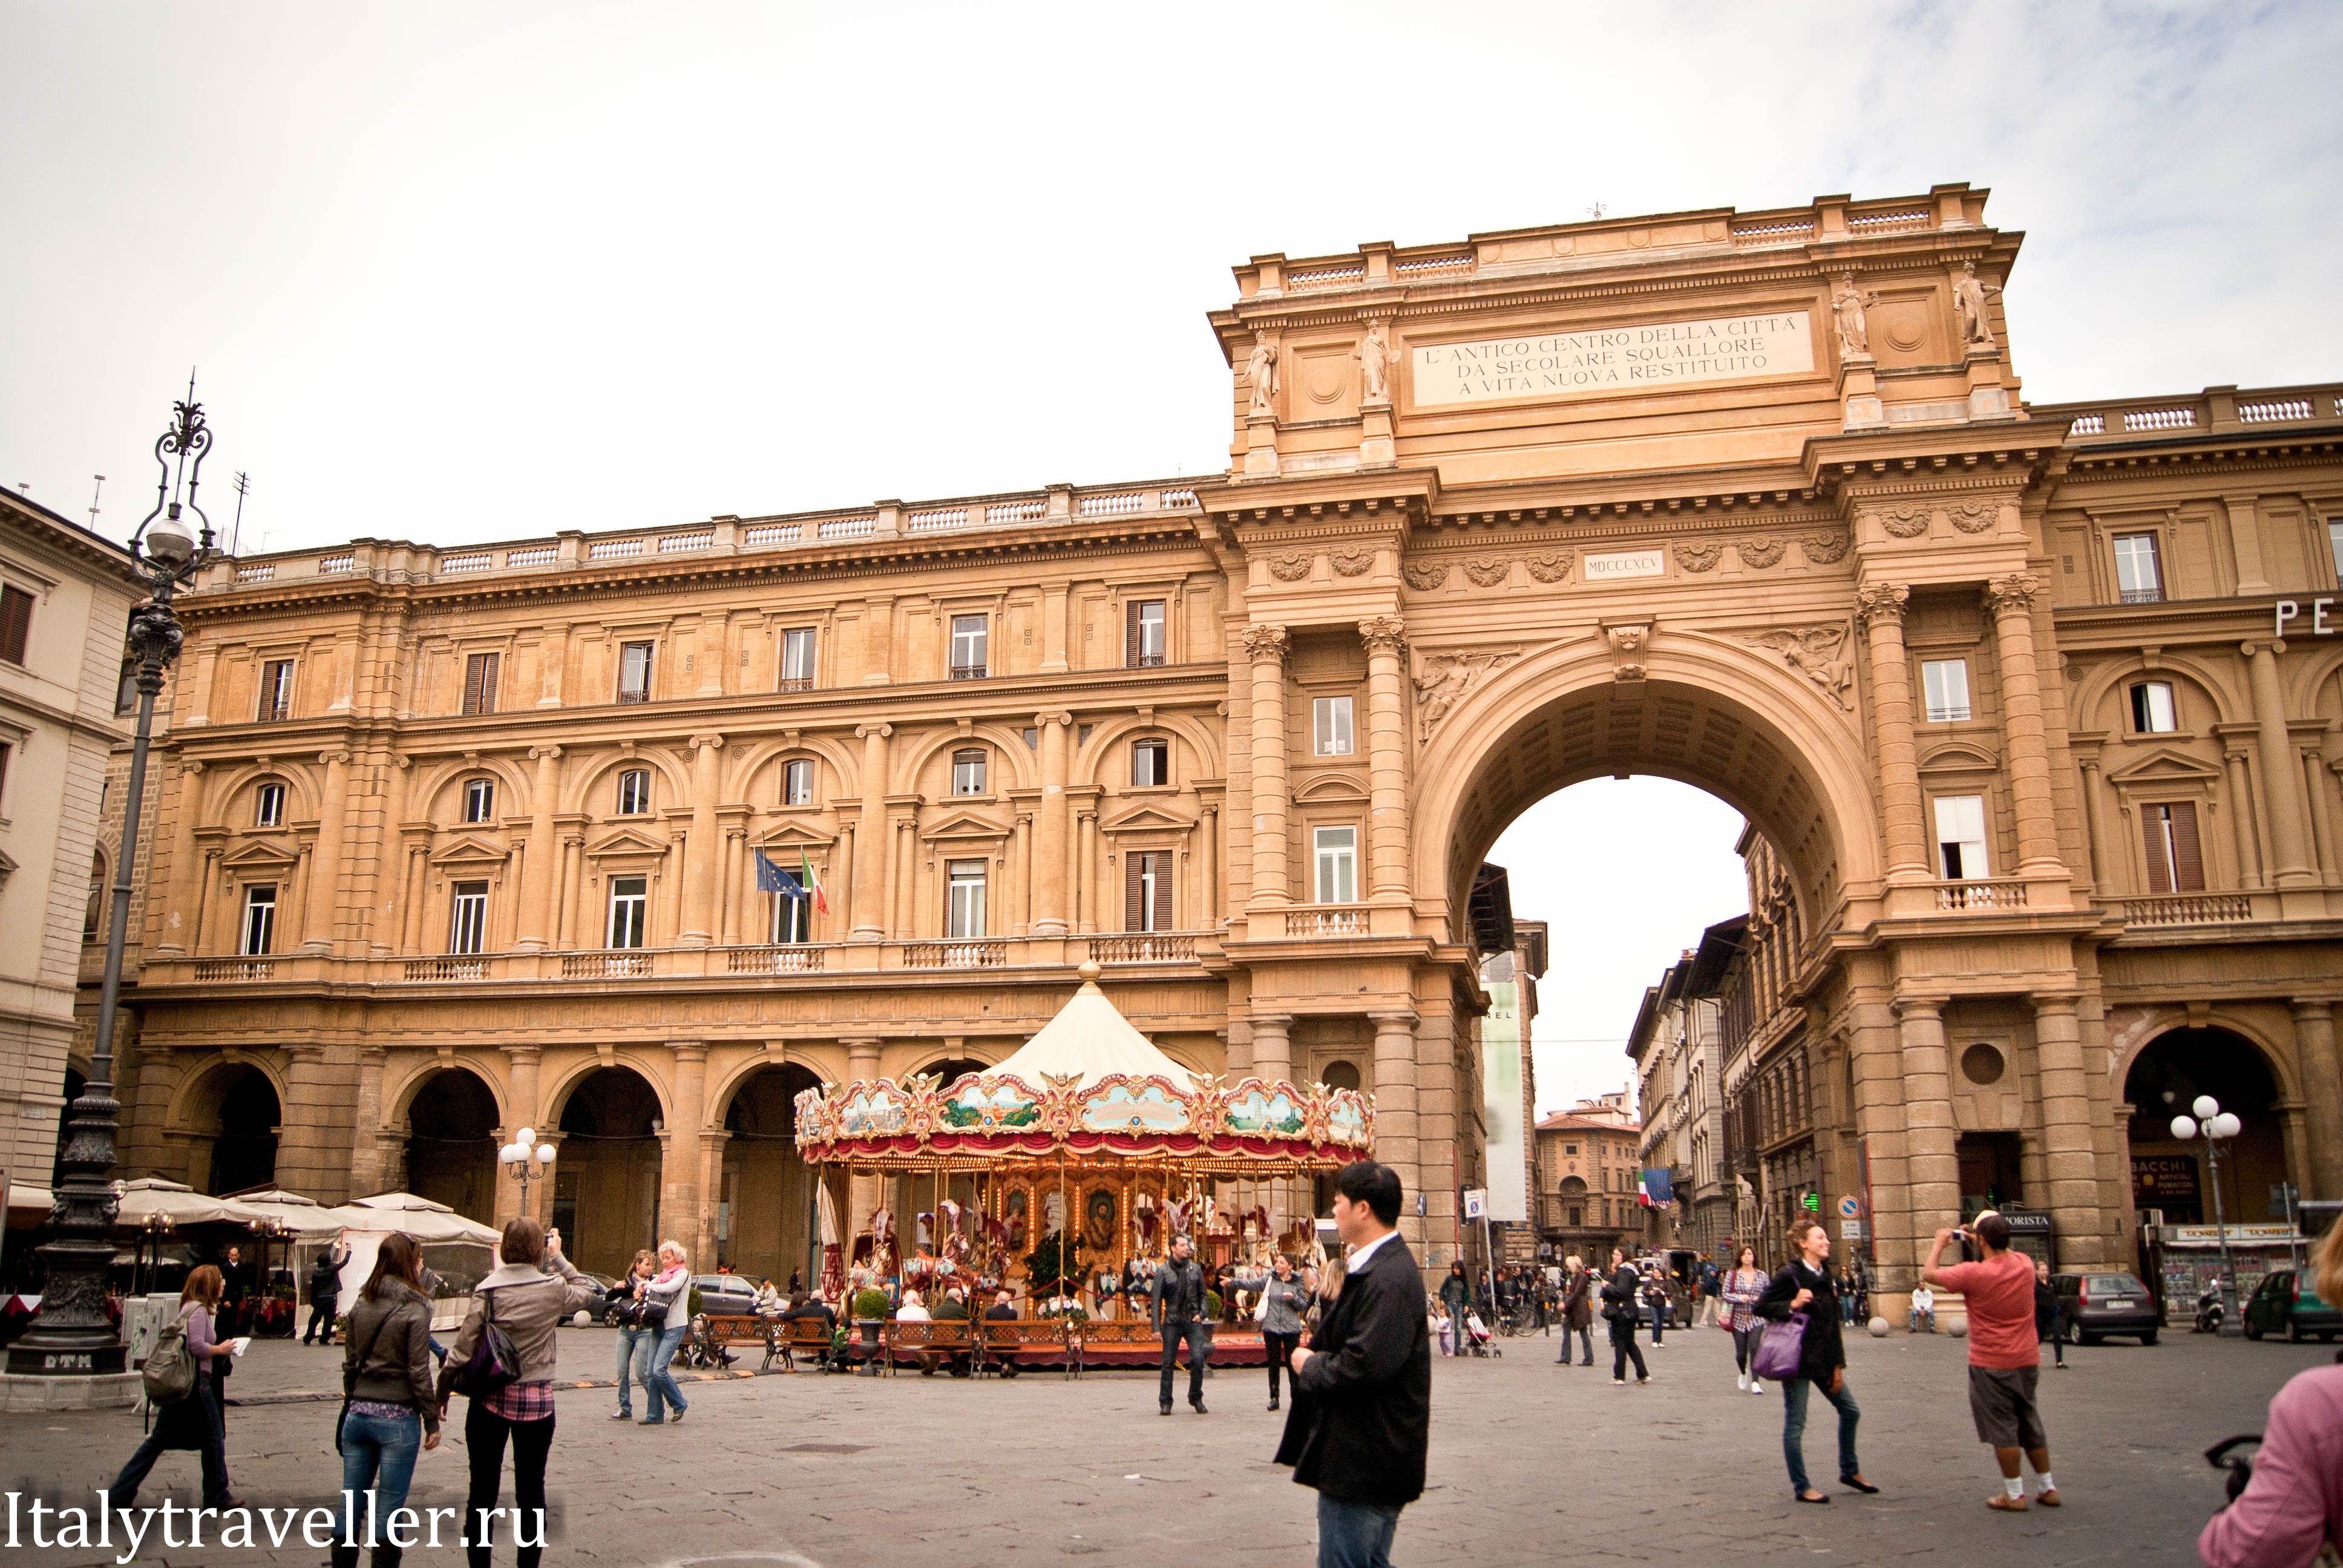 Флоренция: путеводитель по интересным местам на 1 день